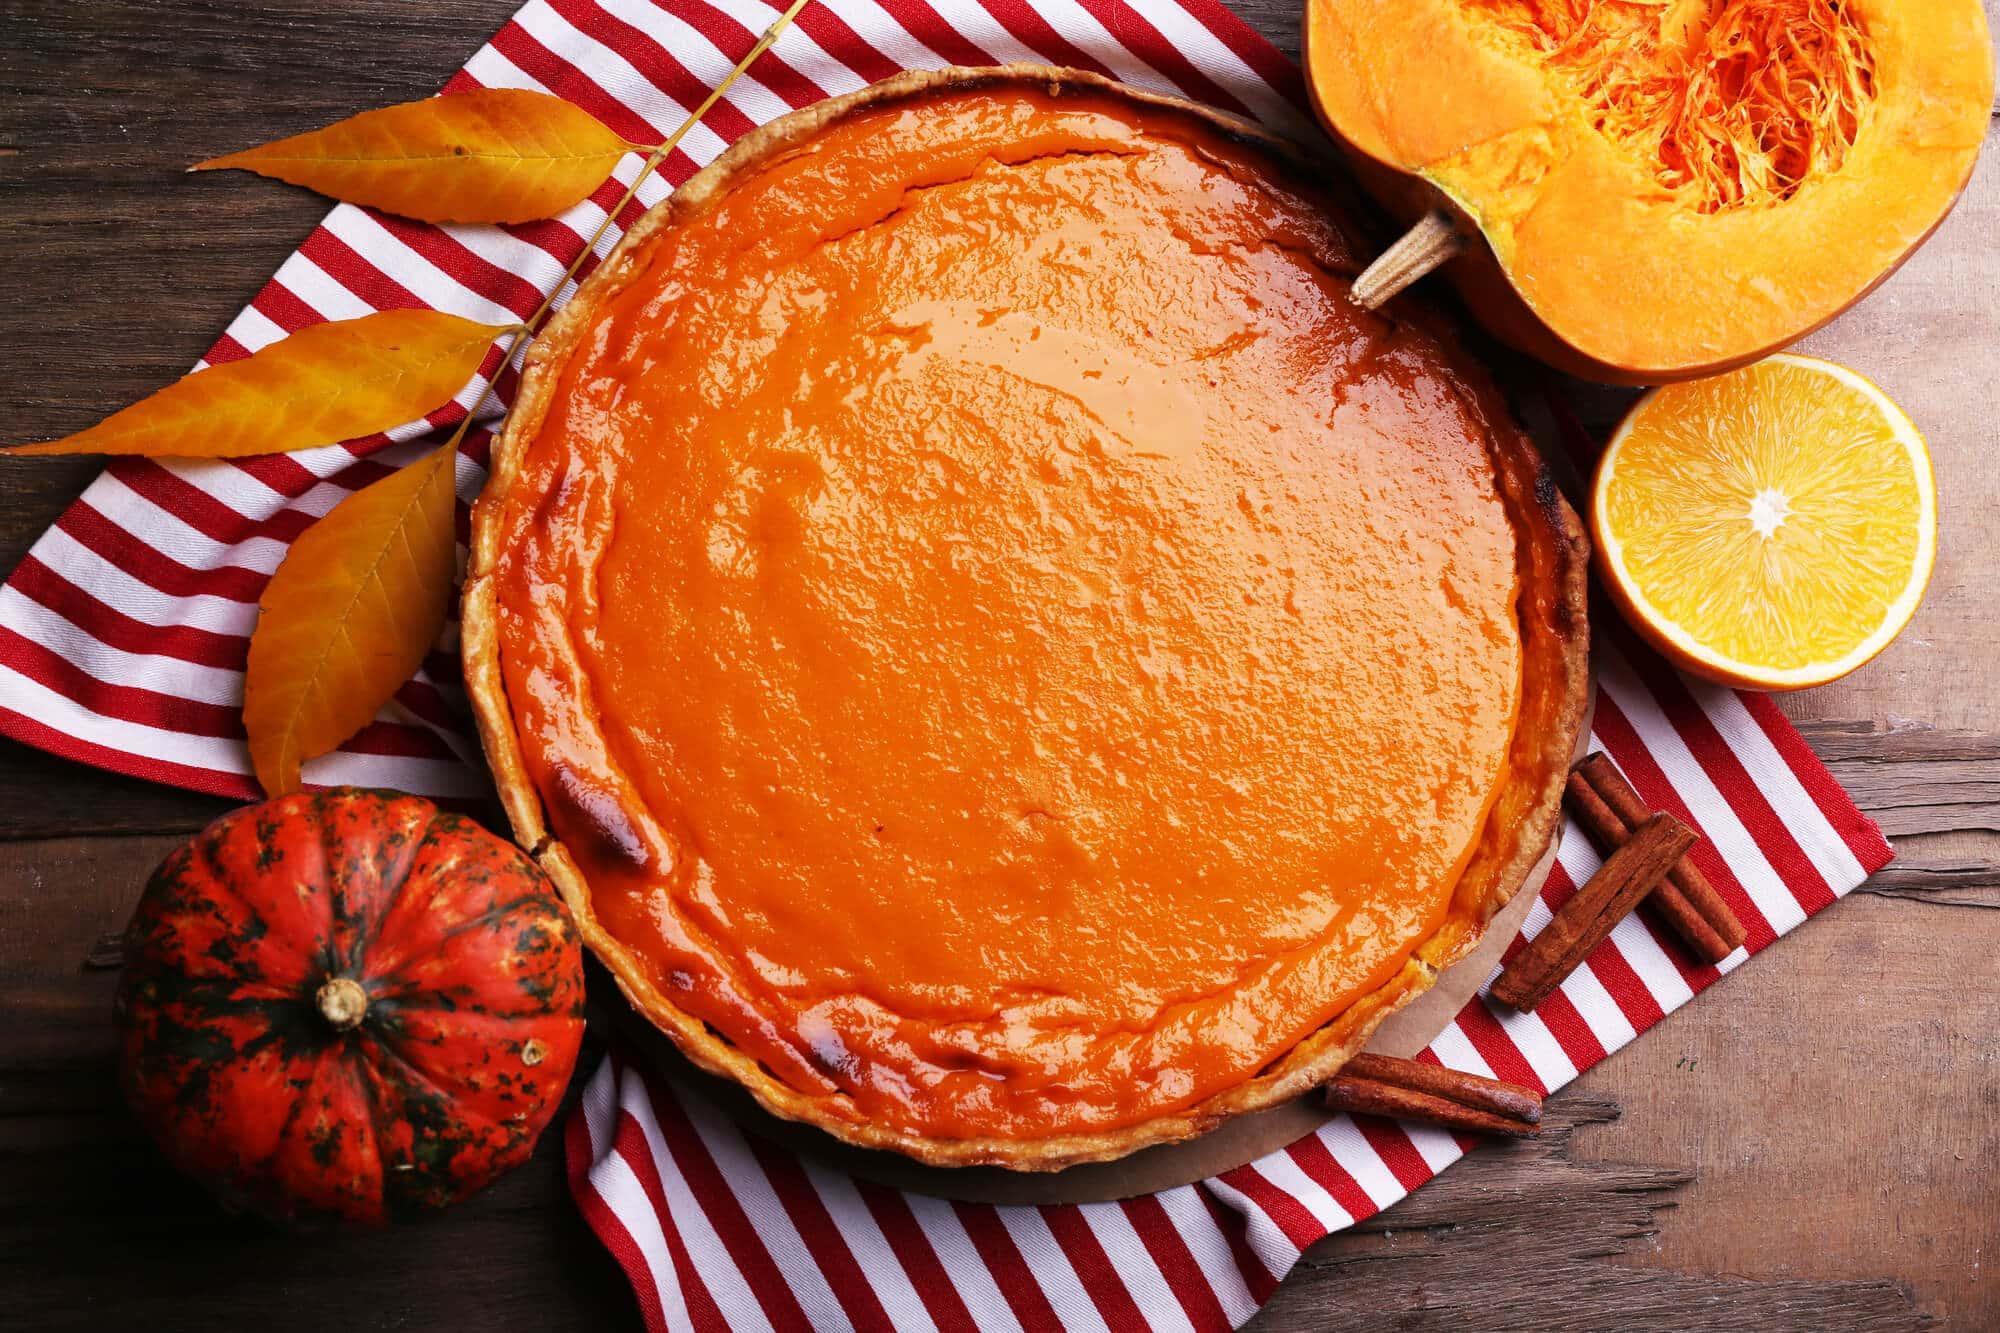 Homemade pumpkin pie on napkin, on wooden background